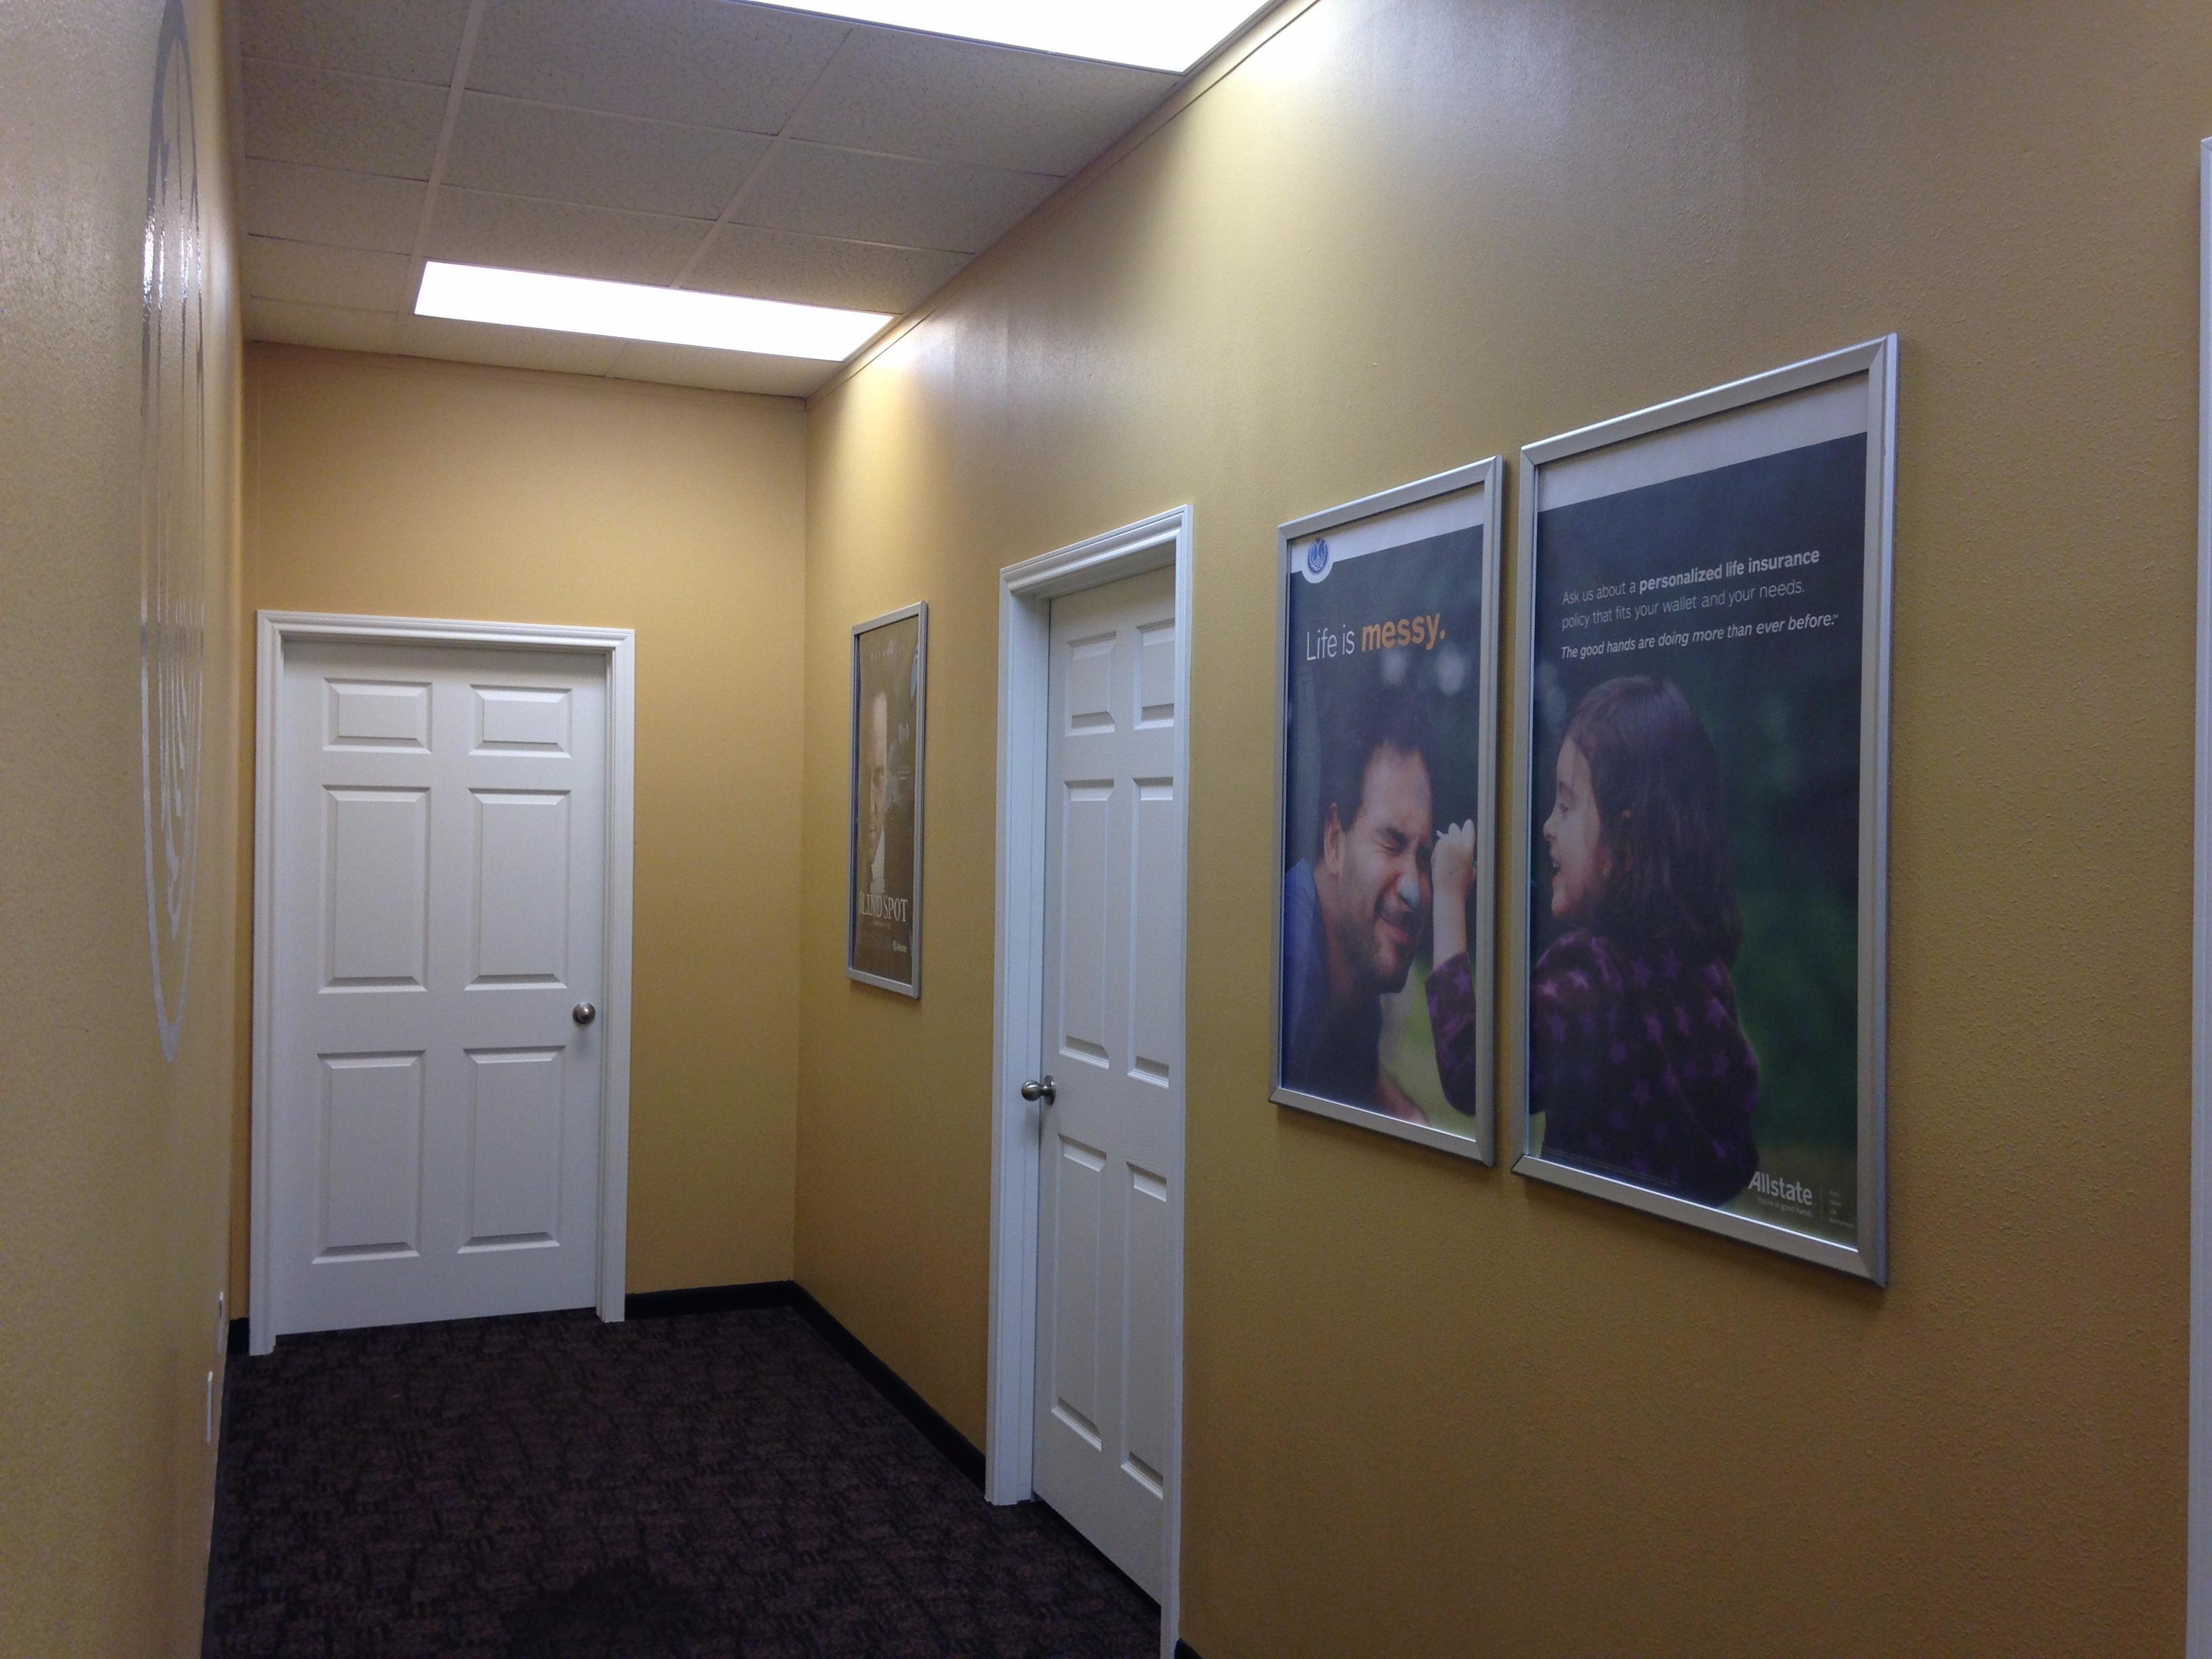 Sarah Prejean: Allstate Insurance image 4